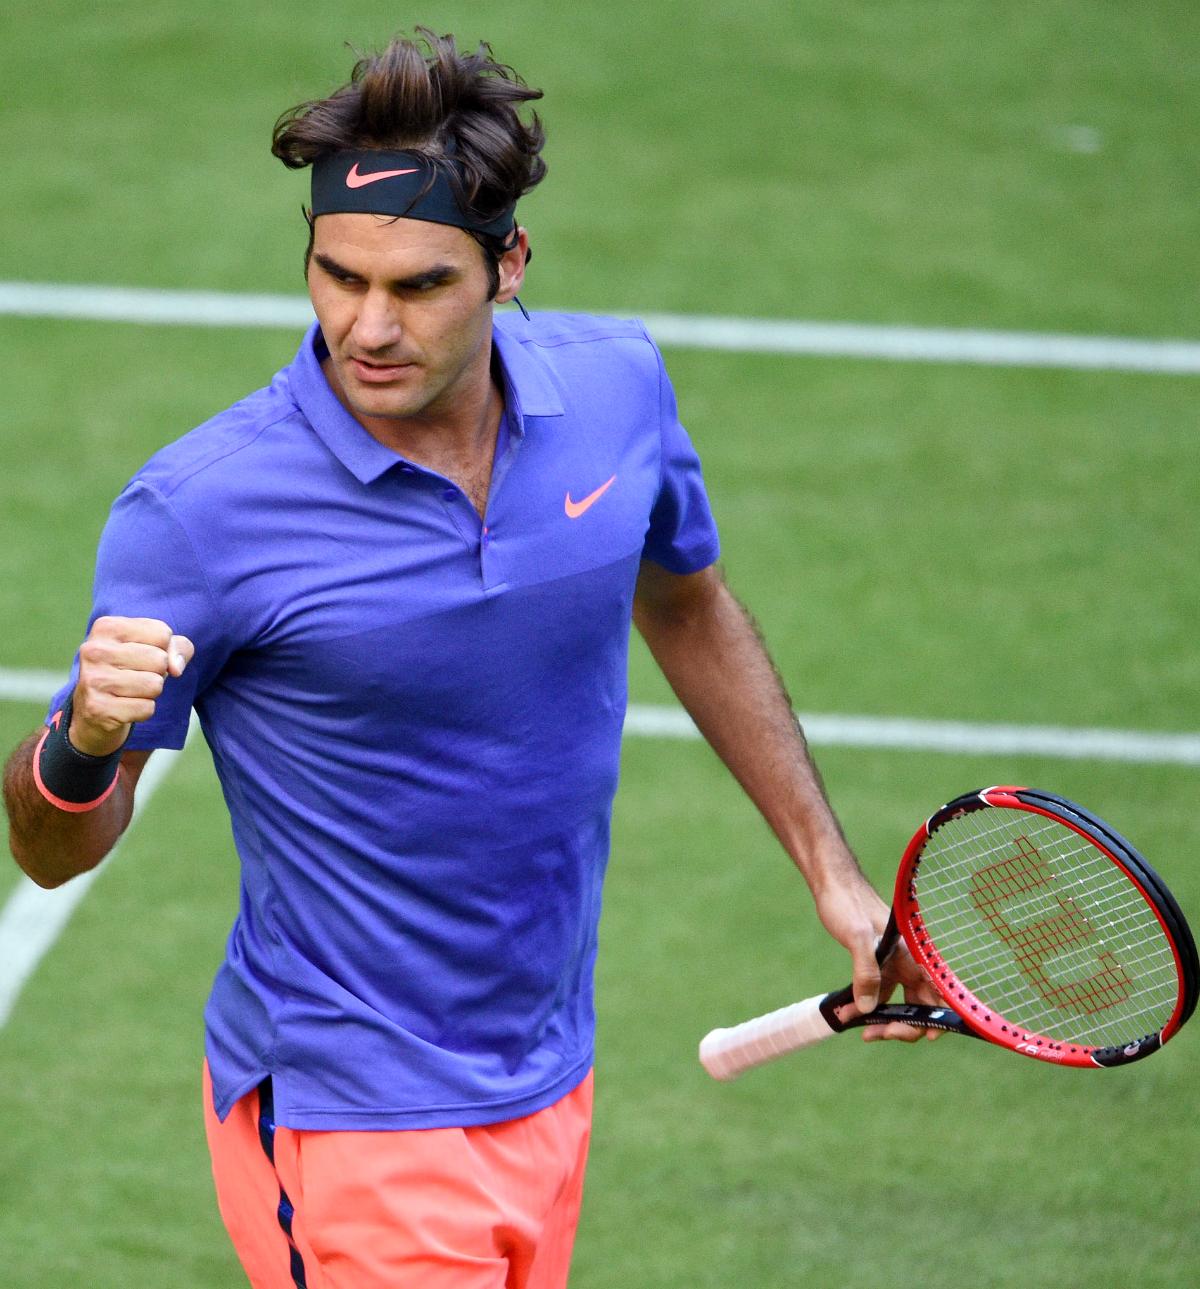 Roger Federer: RANDOM THOUGHTS OF A LURKER: Roger Federer Survives Scare